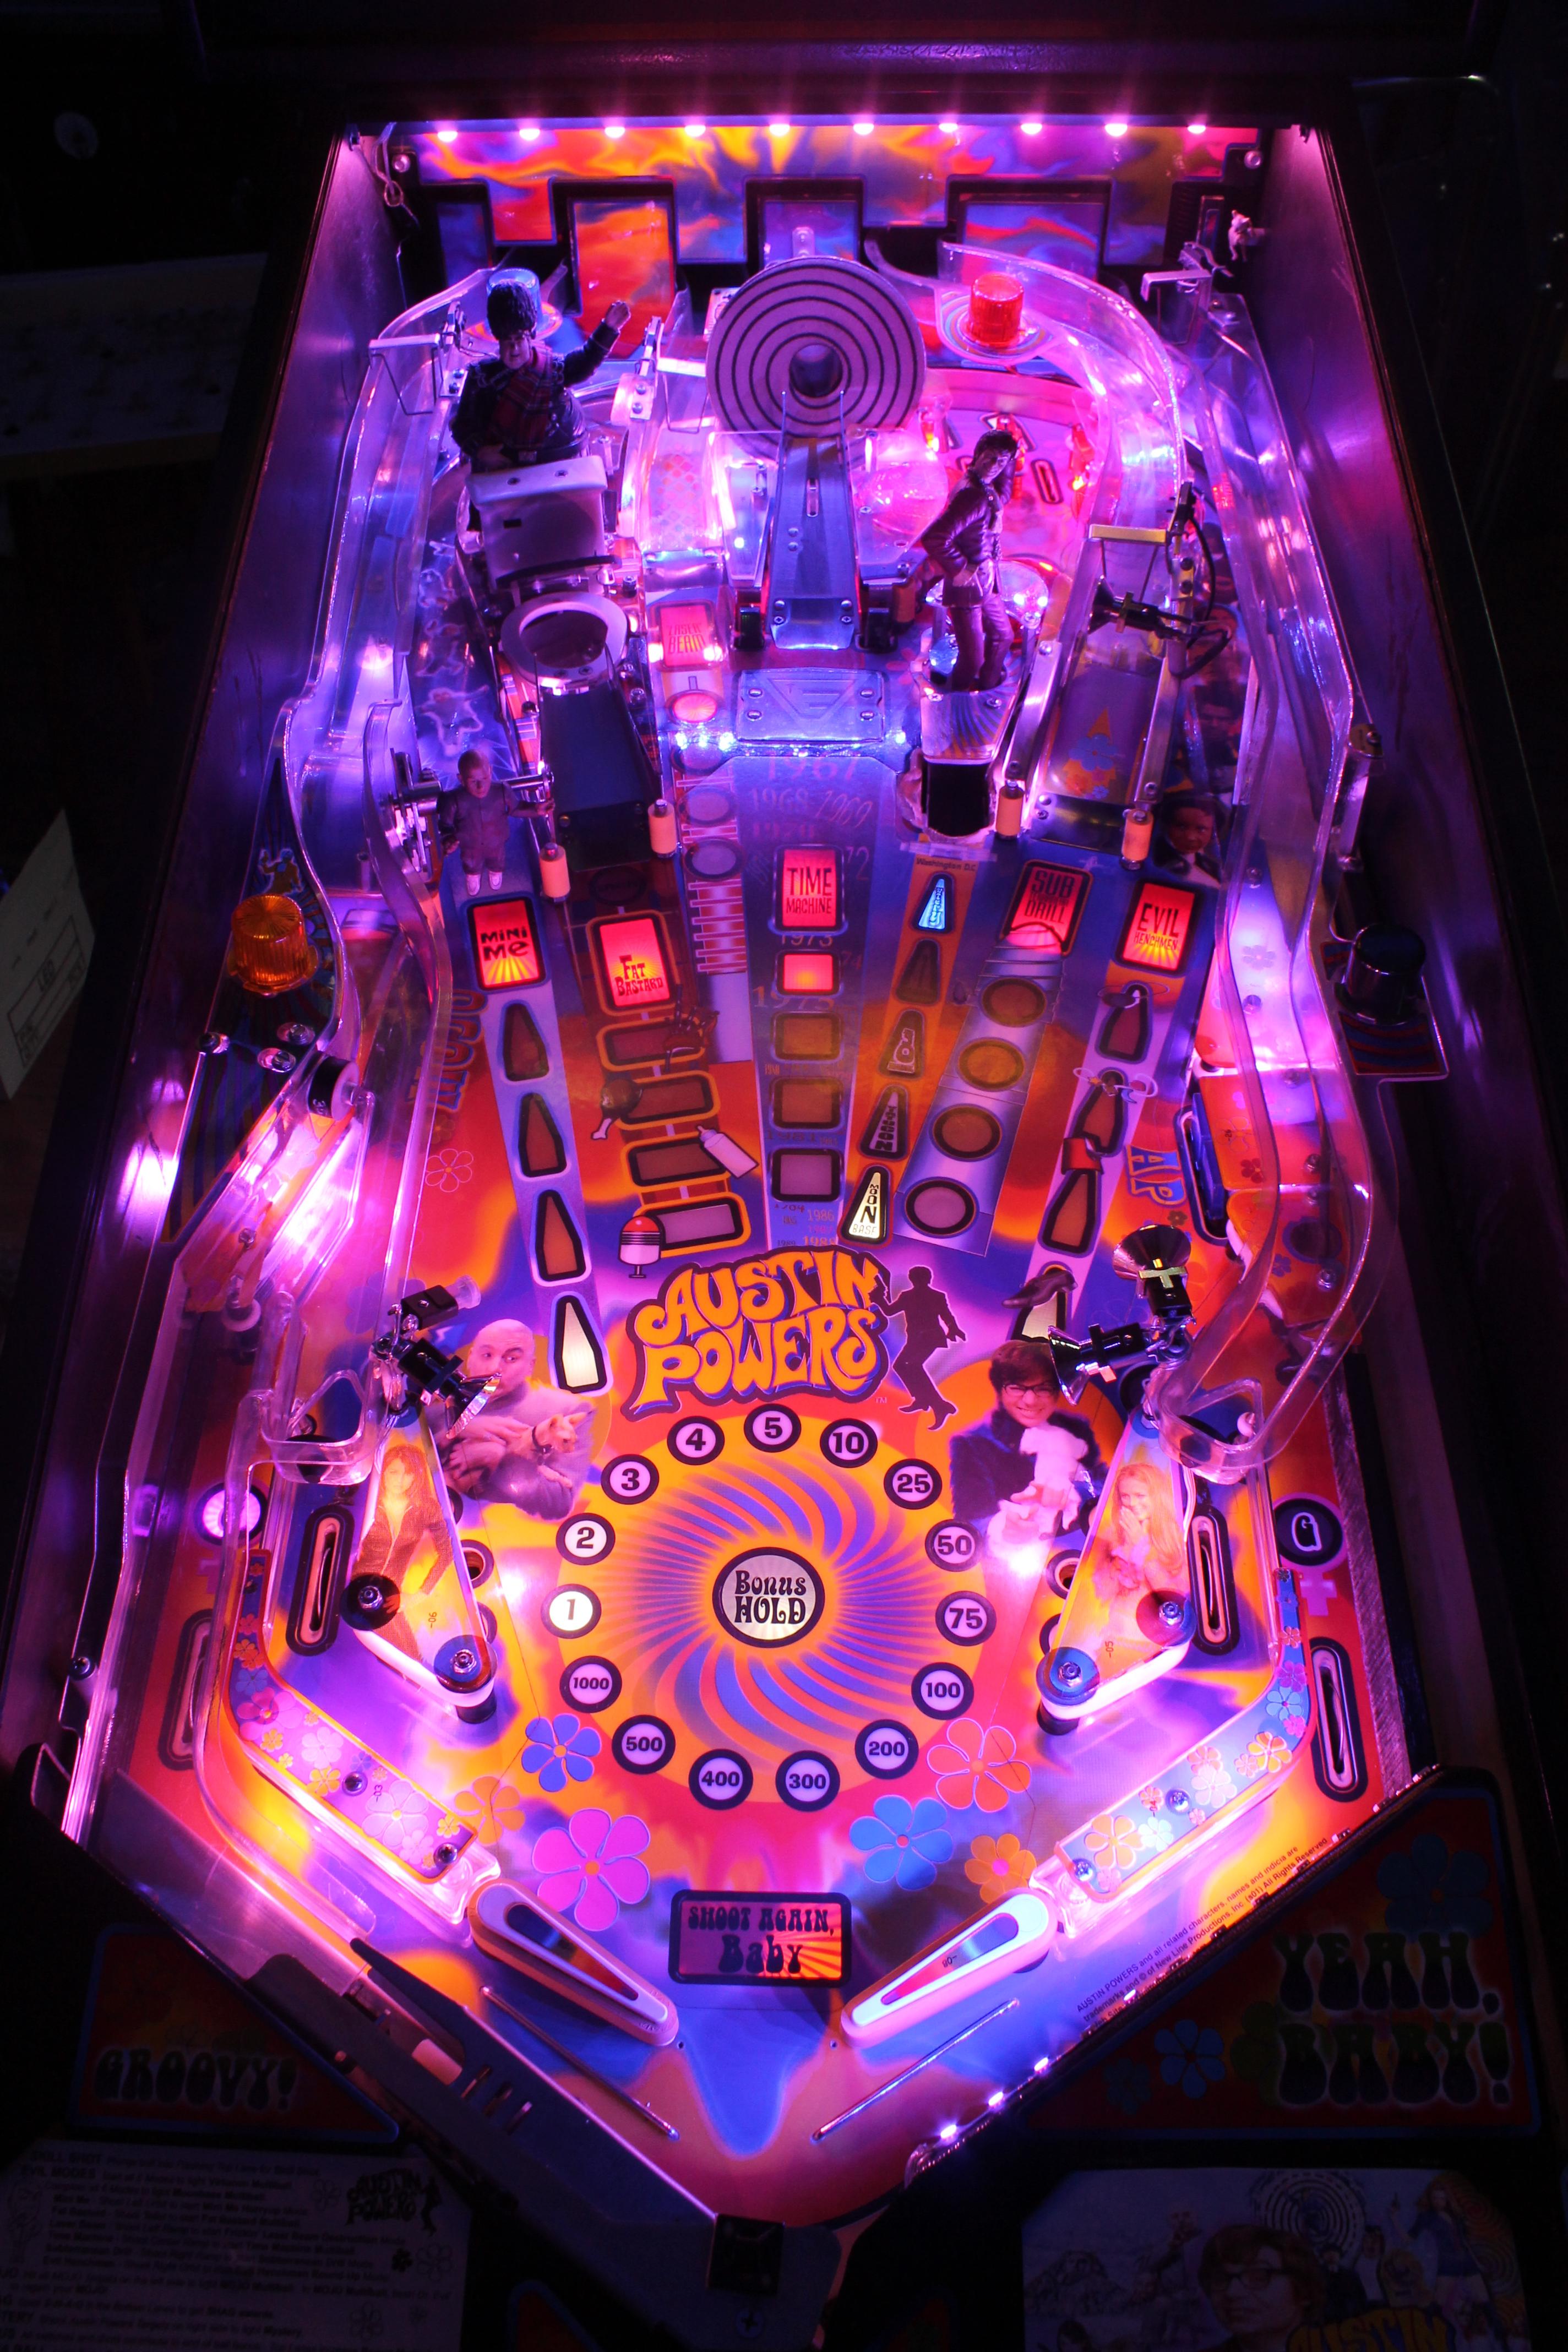 Lit Up Pinball Machine